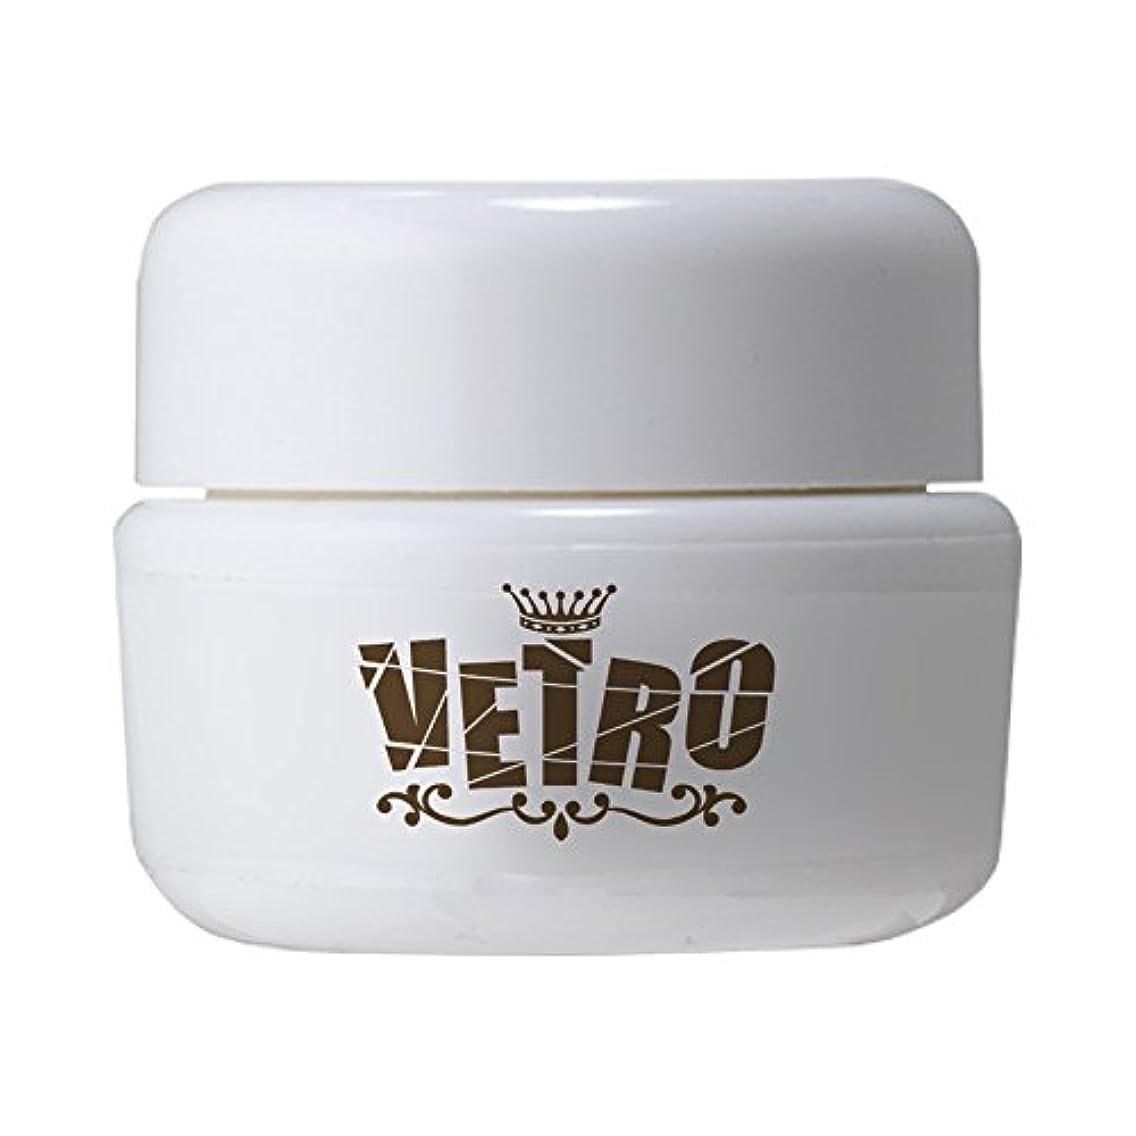 予防接種する引き出す事業内容VETRO No.19 カラージェル パール VL079 サテンホワイト 4ml